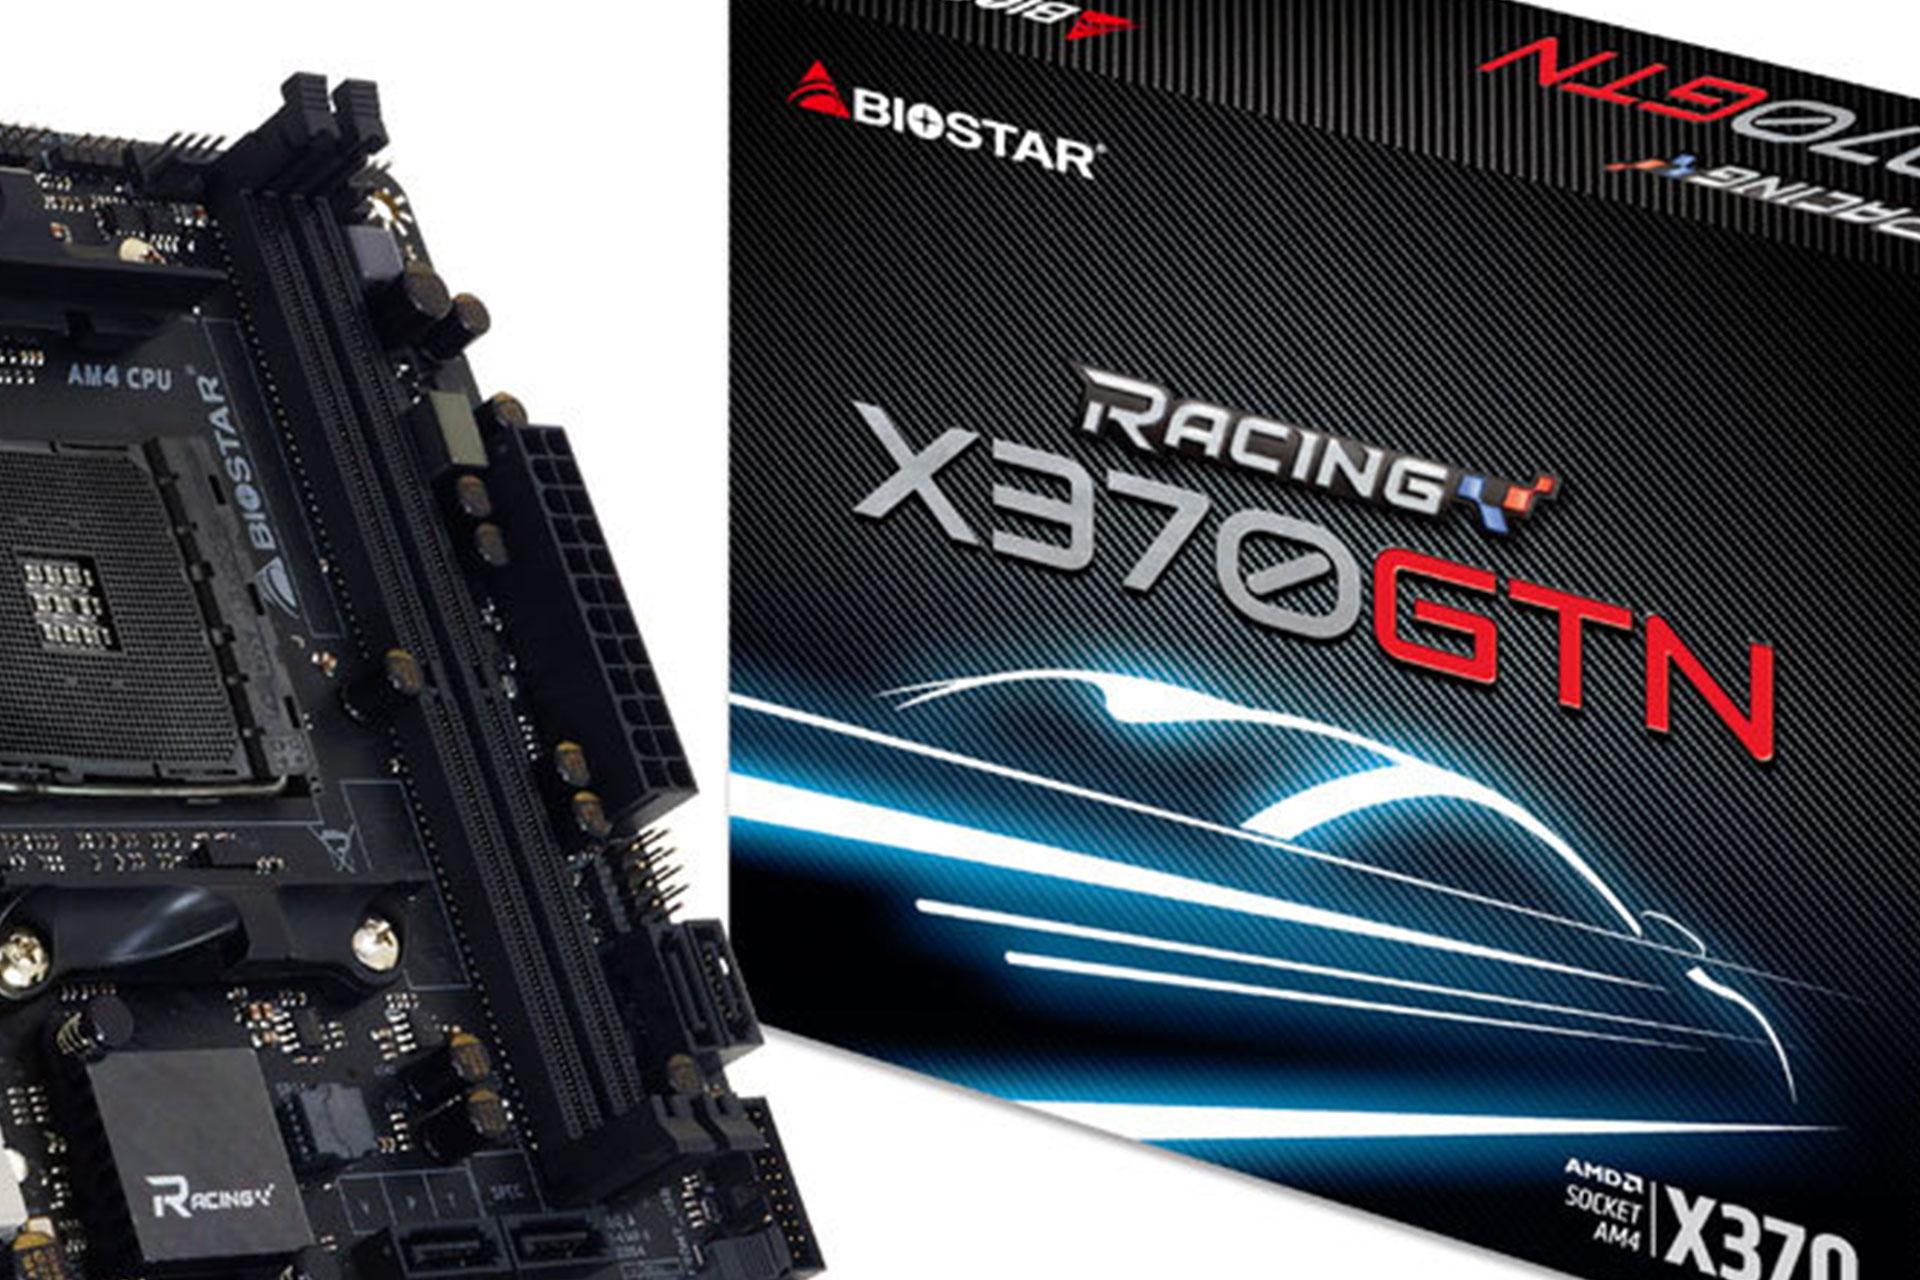 BIOSTAR RACING X370GTN